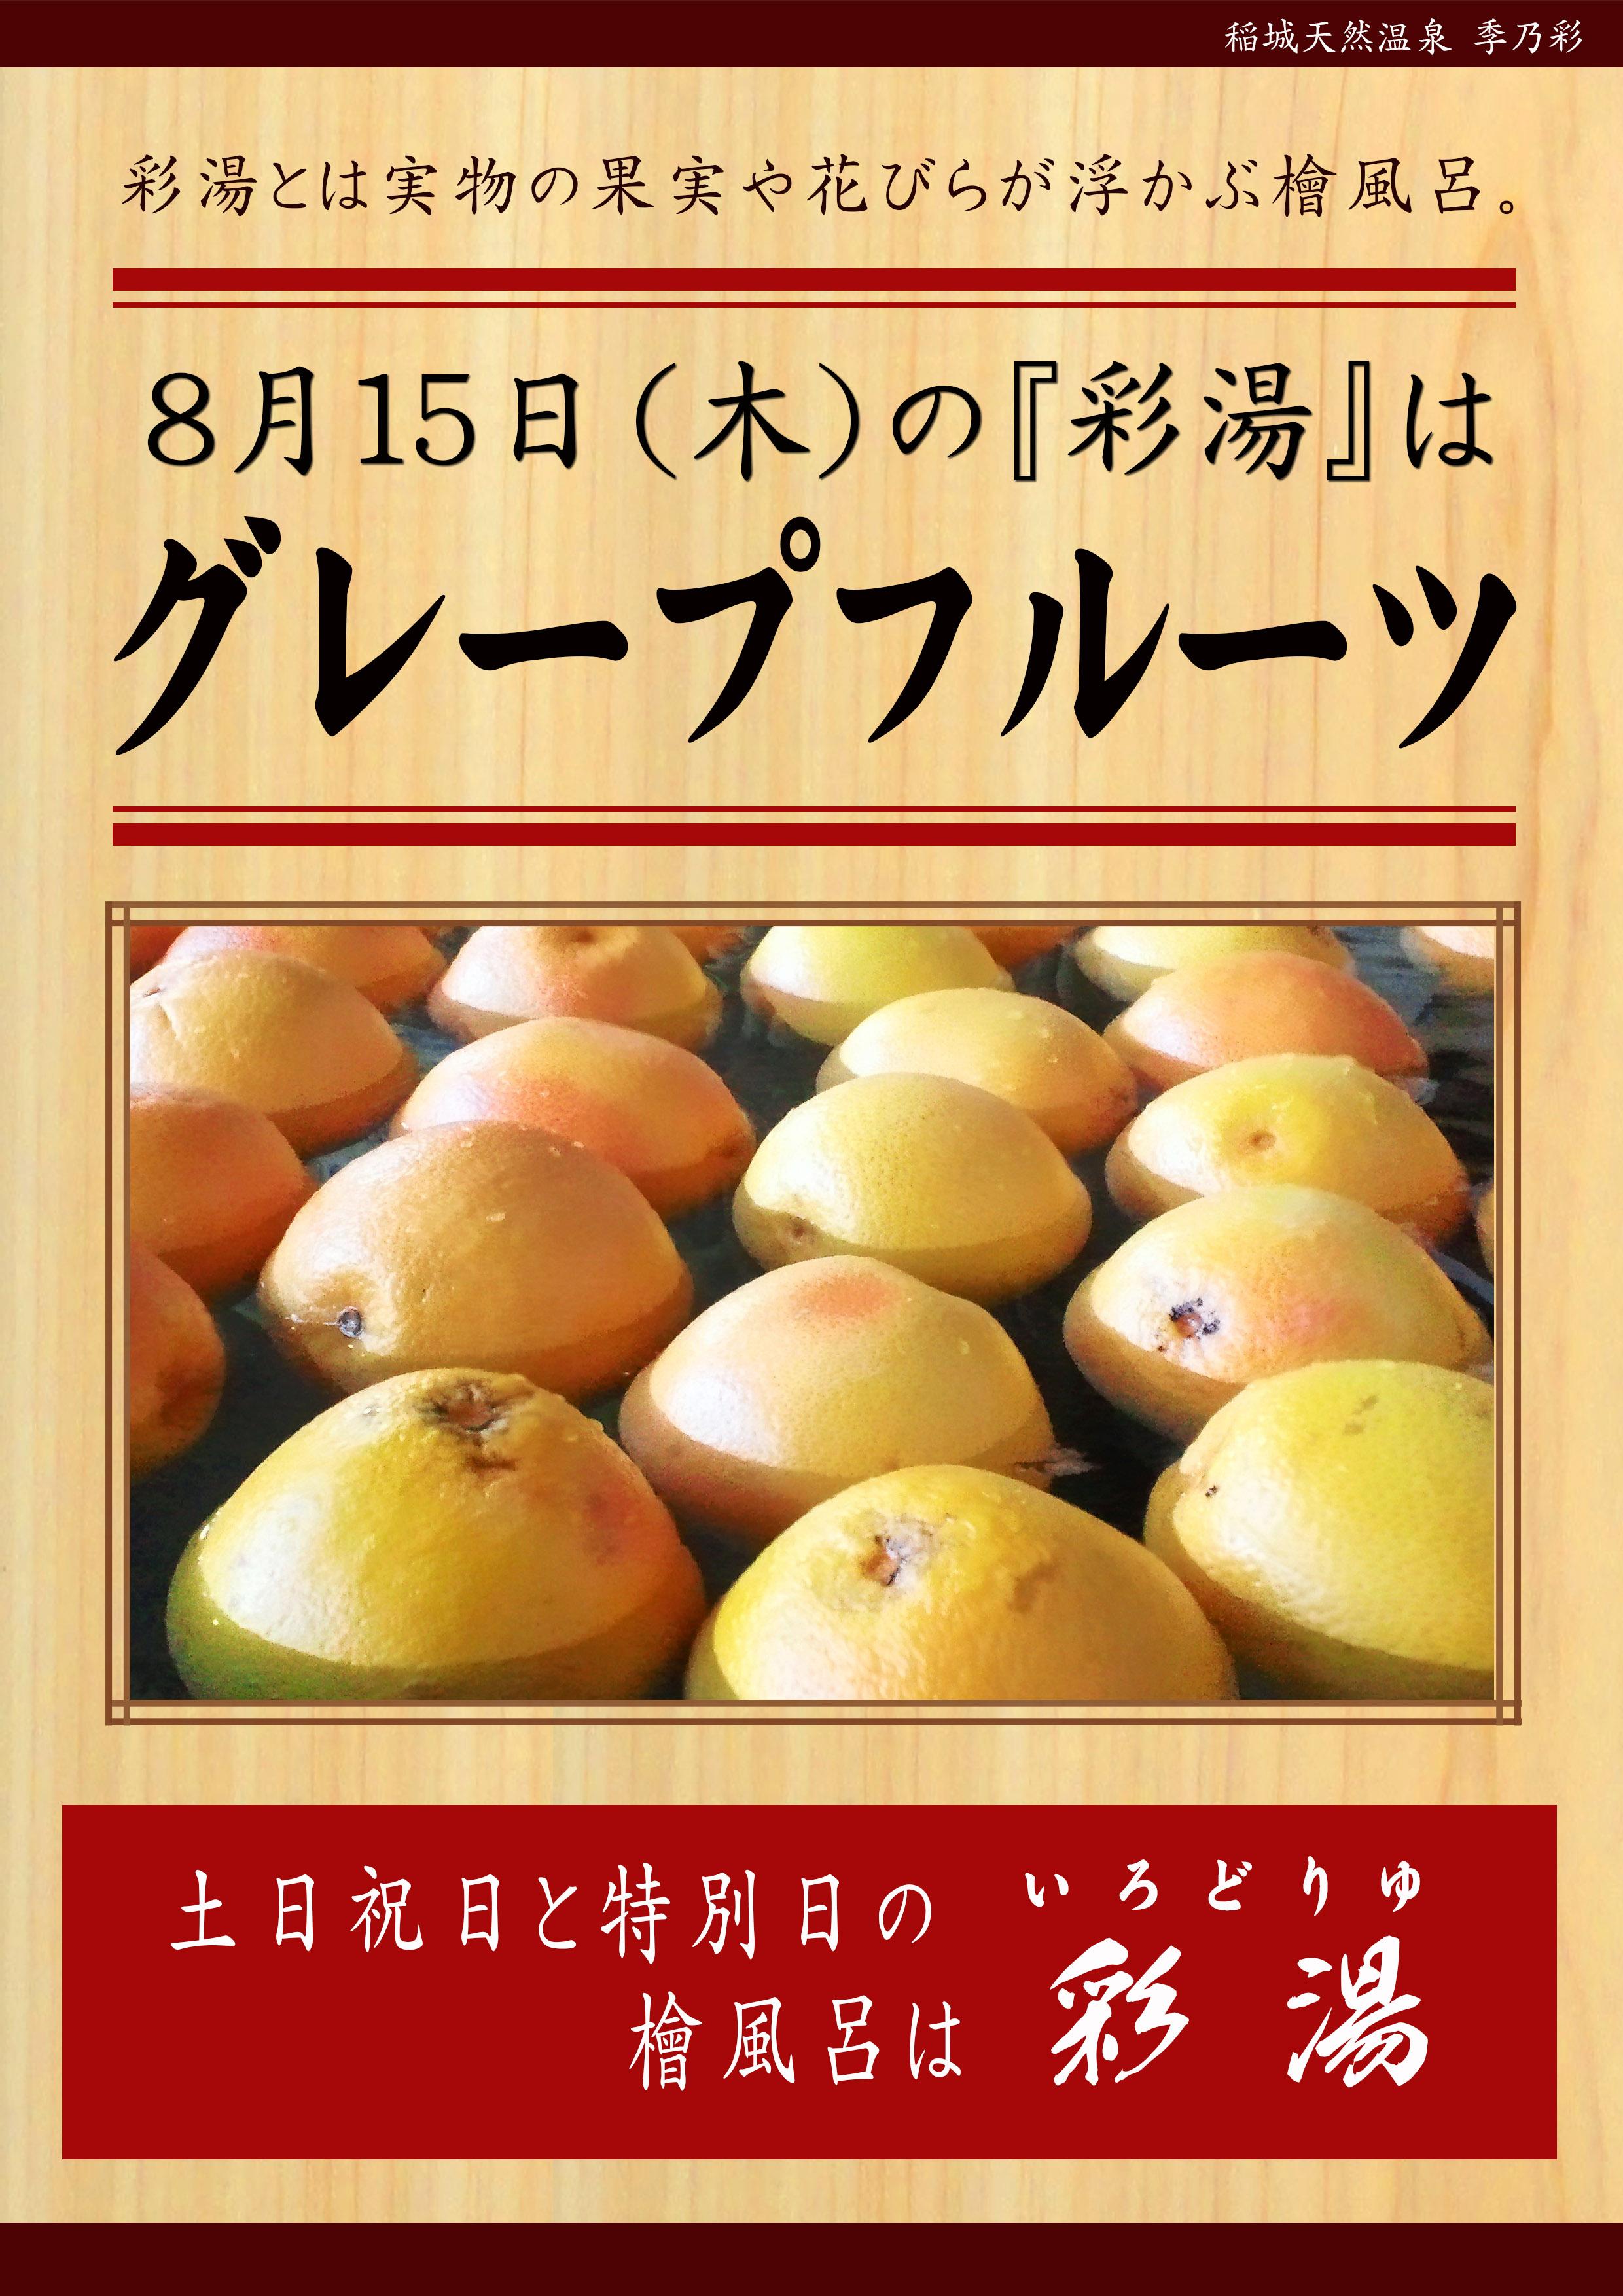 190815 彩湯 グレープフルーツ